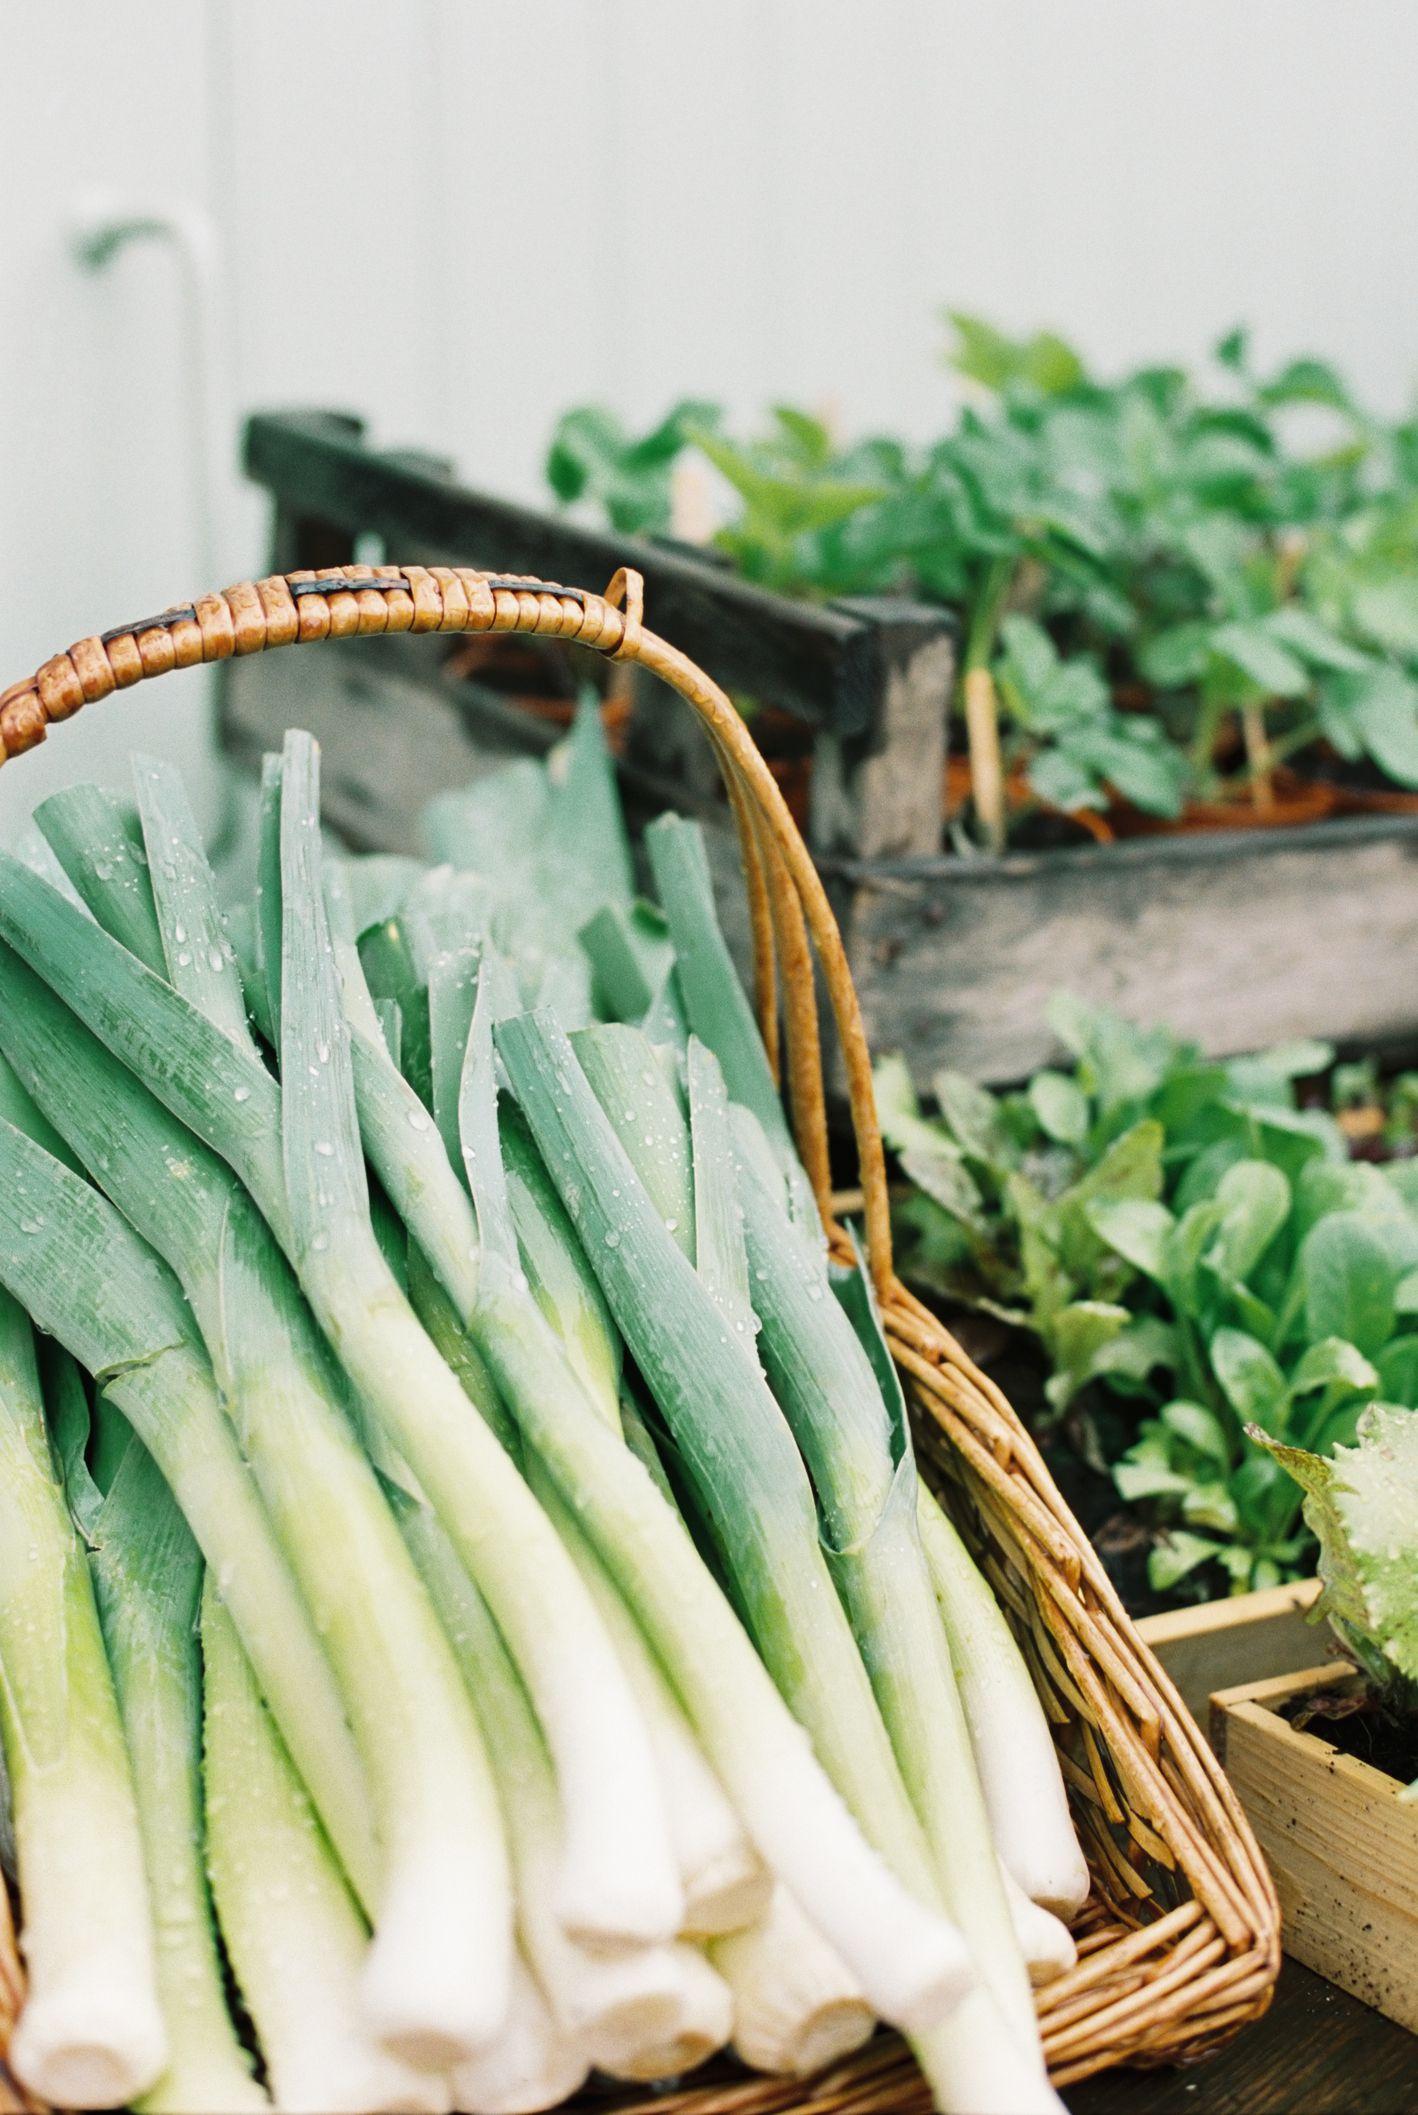 Growing Leeks In The Vegetable Garden